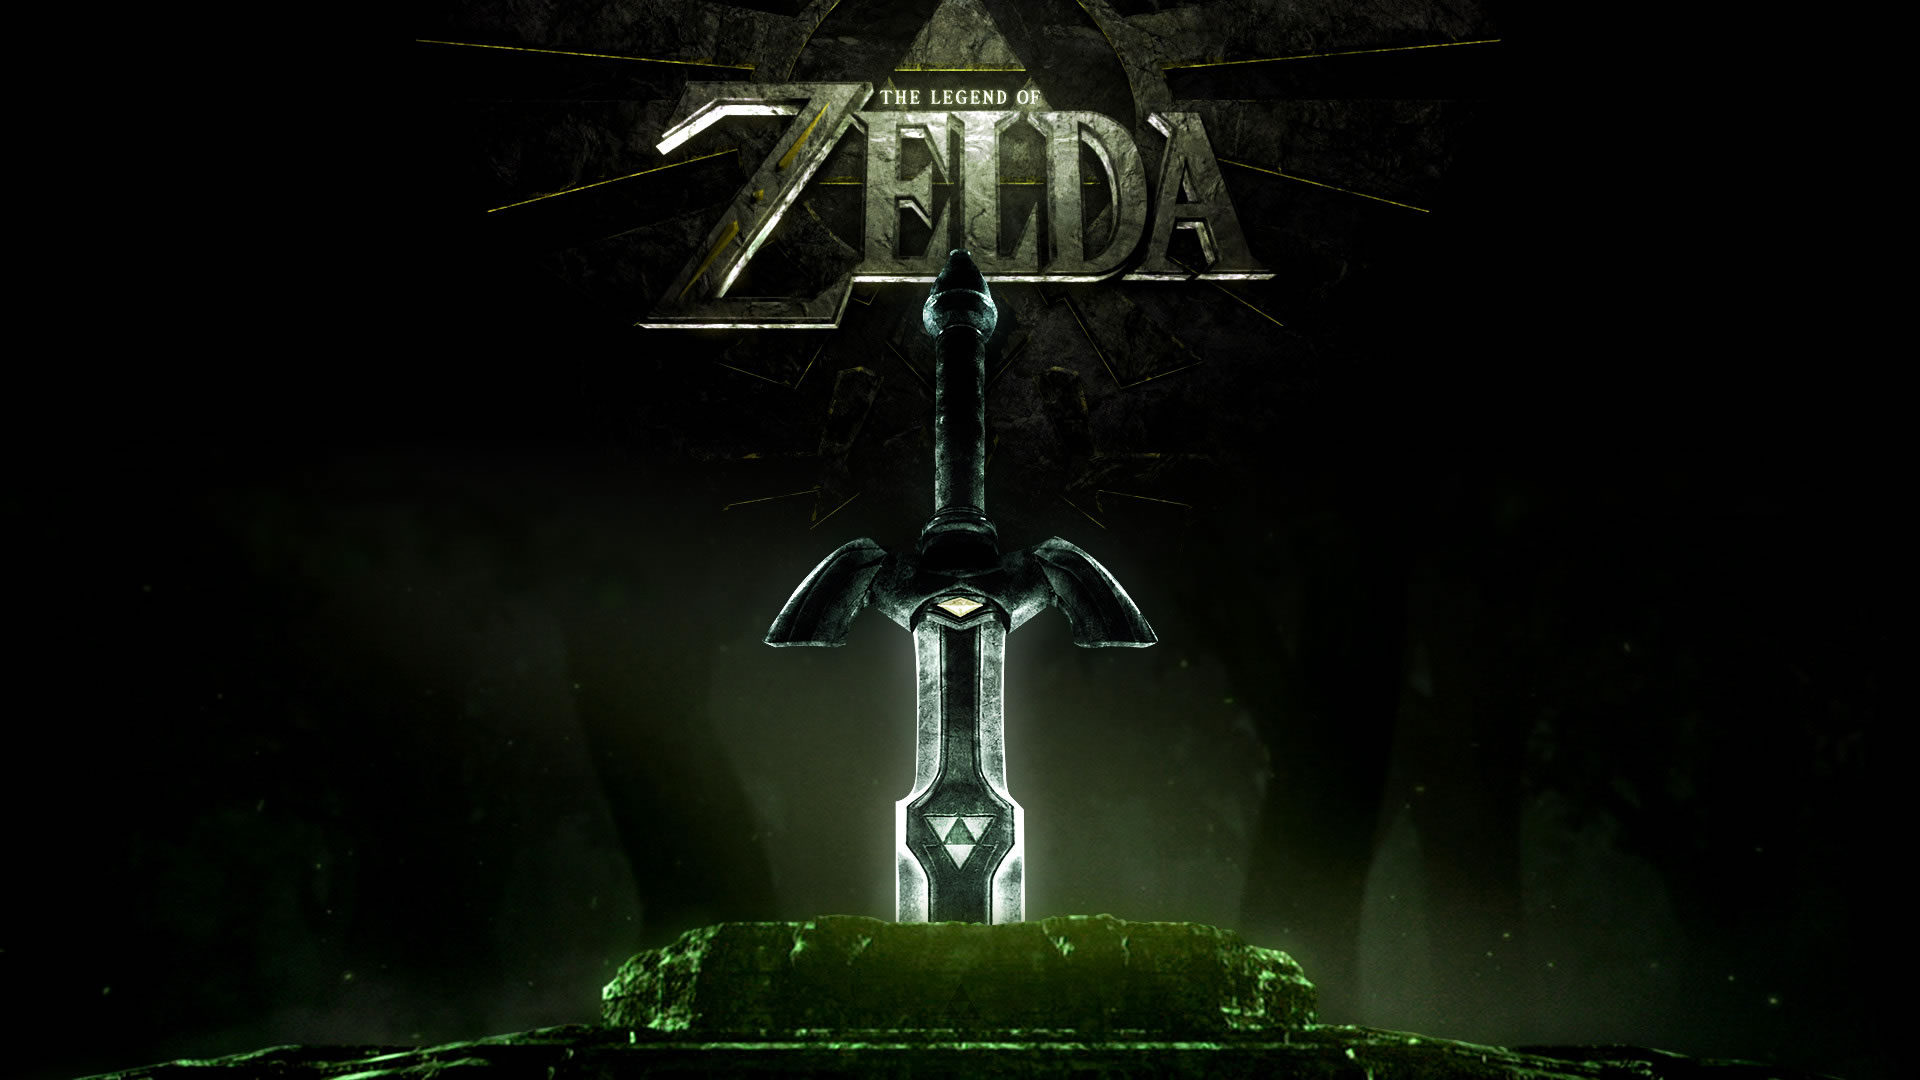 The Legend of Zelda Wallpapers HD Wallpapers 1920x1080